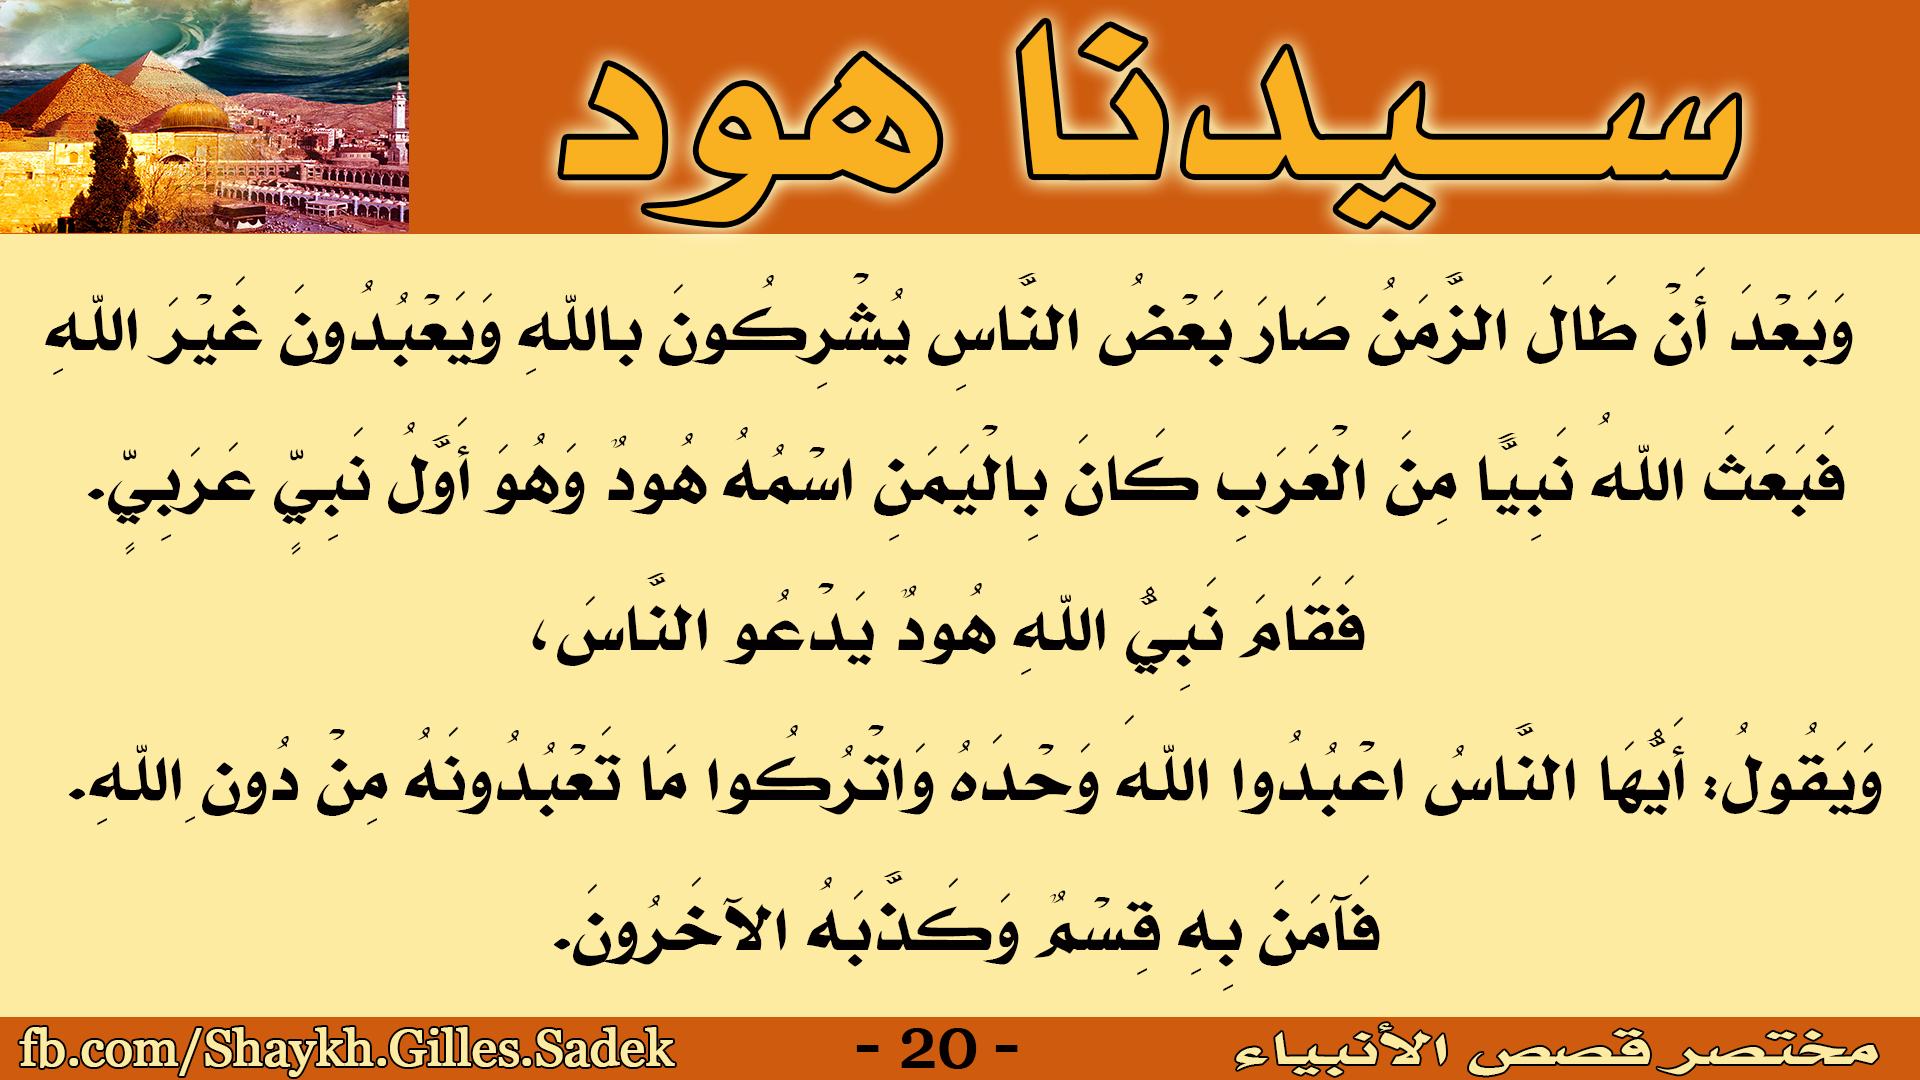 مختصر قصص الأنبياء 20 Fb Com Shaykh Gilles Sadek Whatsapp 12048003381 Www Shaykhgillessadek Com Twitter Shaykhgilles Instagram Sha Islam Pdf Books Books